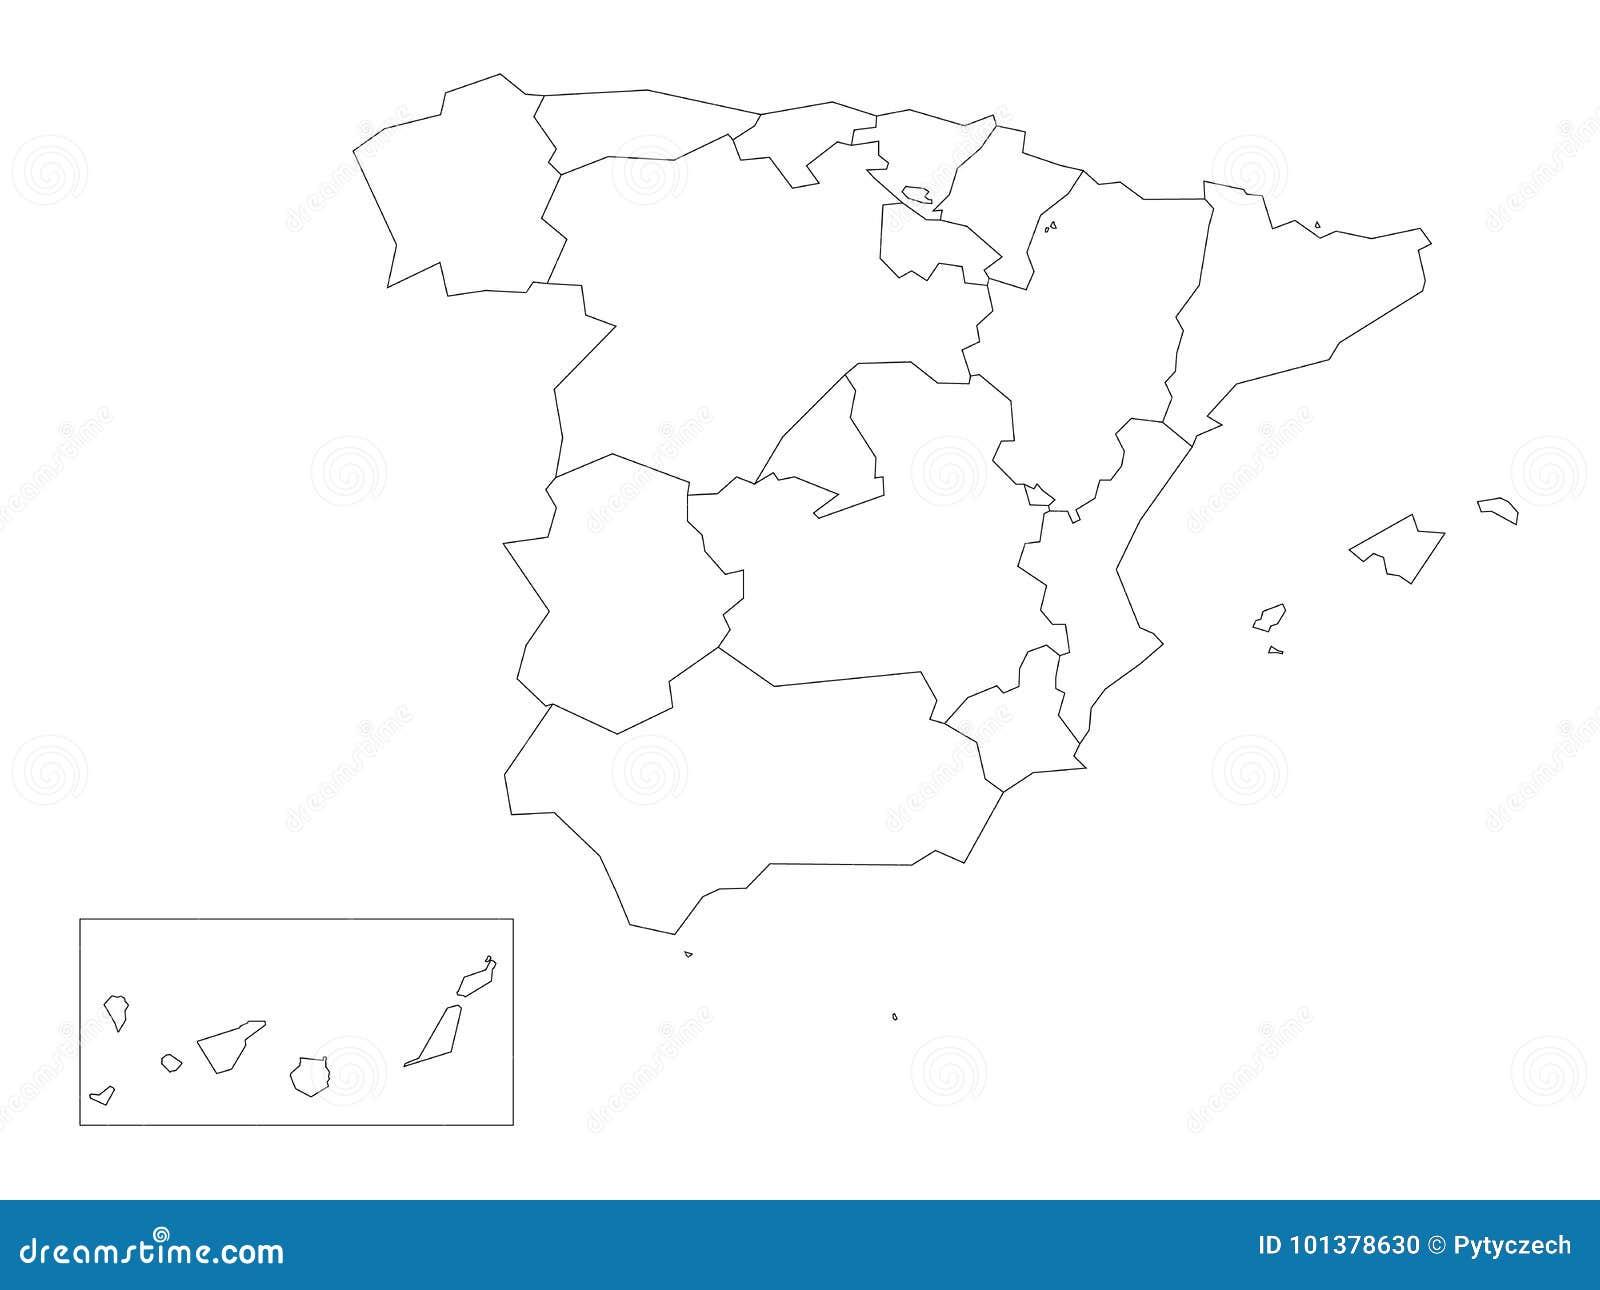 Carte Espagne Noir Et Blanc.La Carte De L Espagne S Est Divisee En 17 Communautes